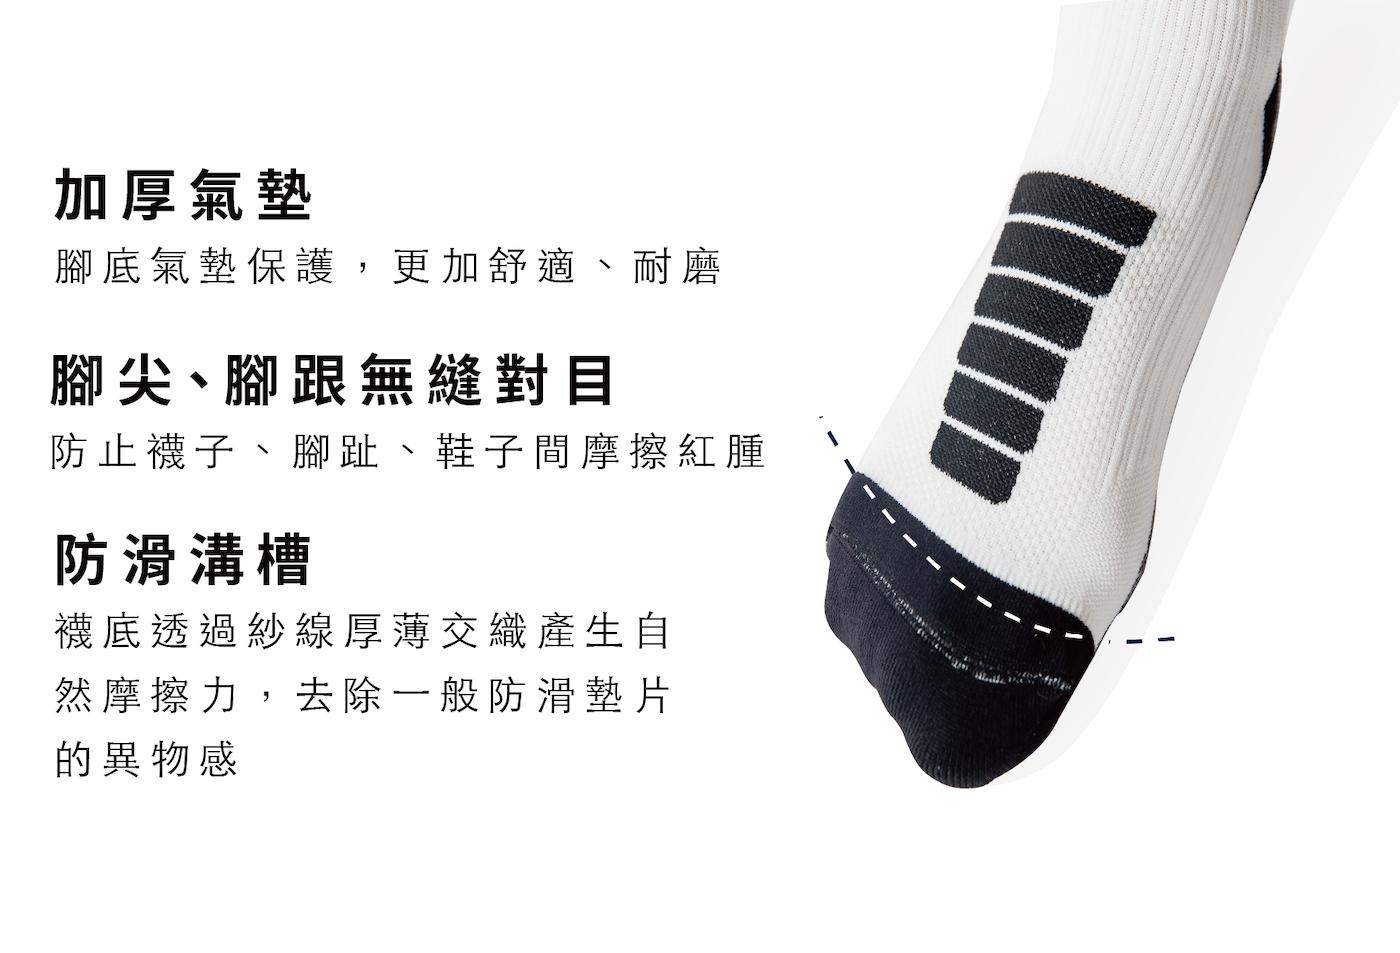 透氣排氣孔、整雙襪子都具有消臭抗菌、吸濕排汗機能